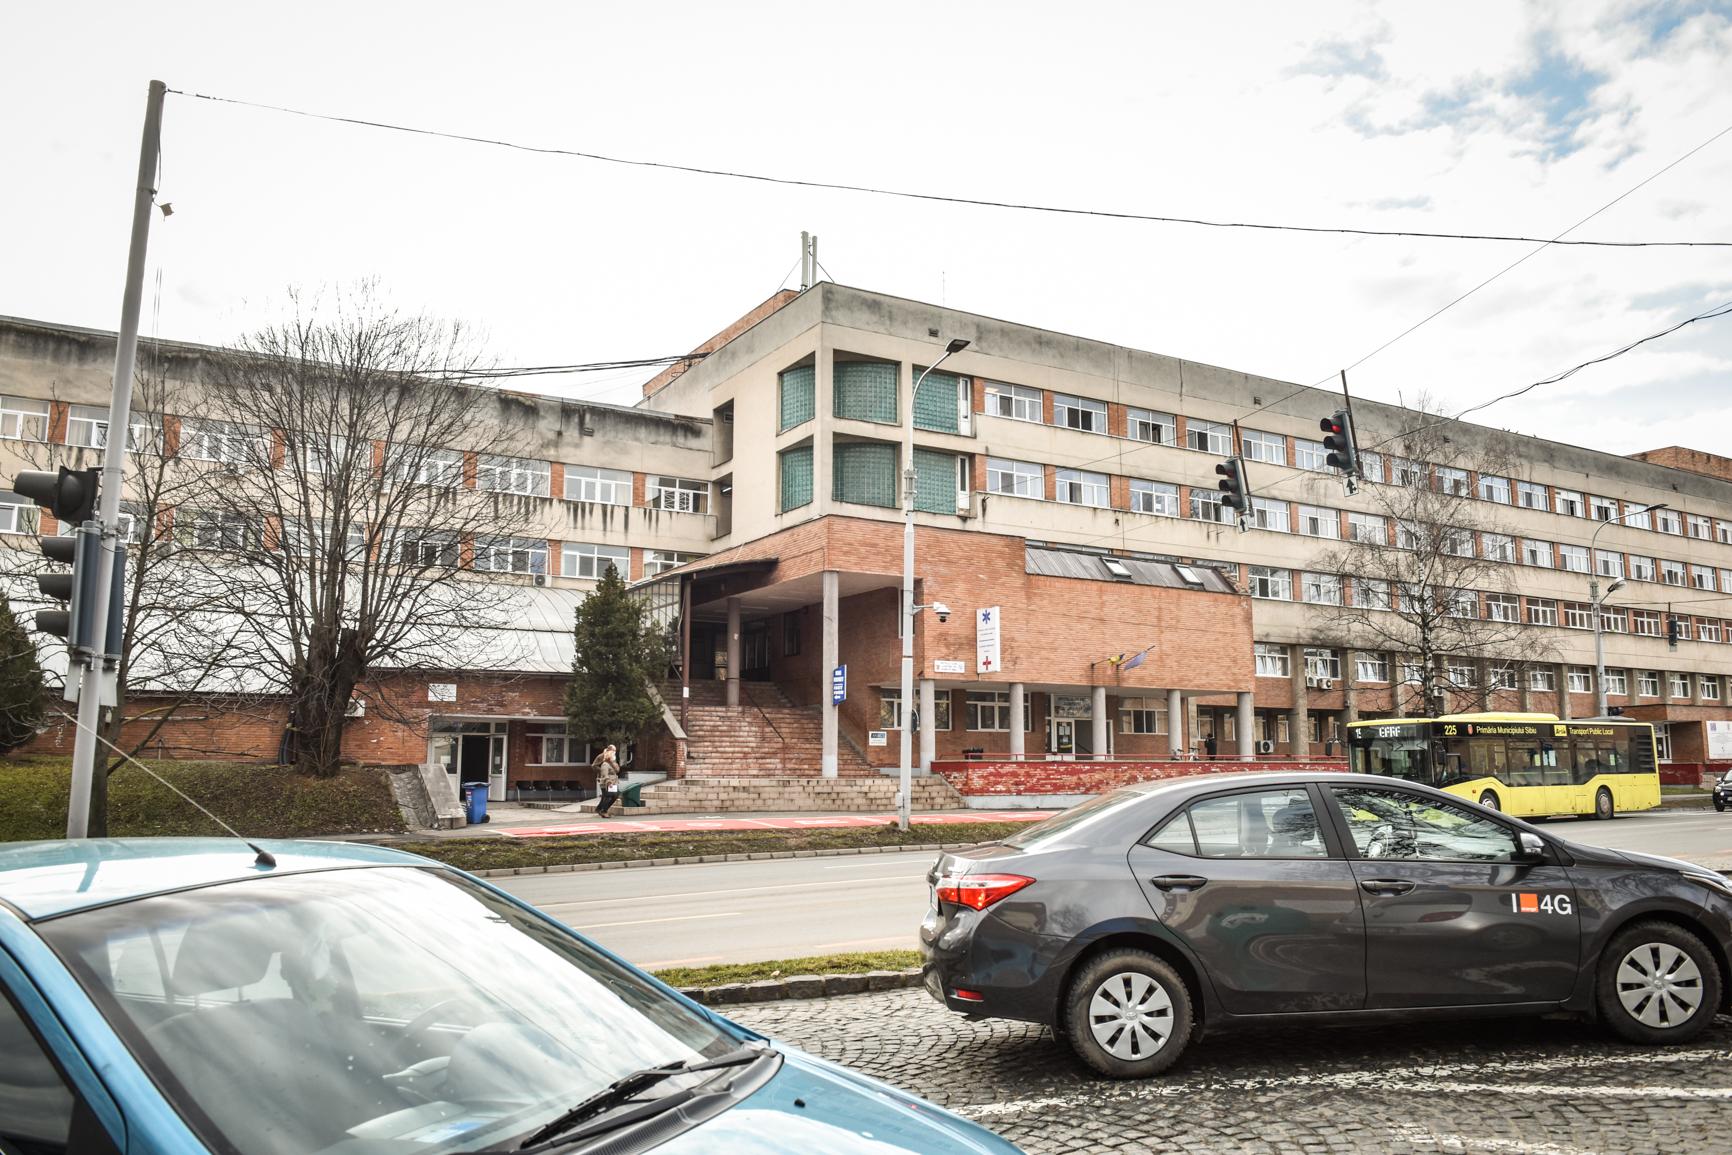 Unii angajaţi ai Spitalului Judeţean încă locuiesc la hotel, după un an de pandemie